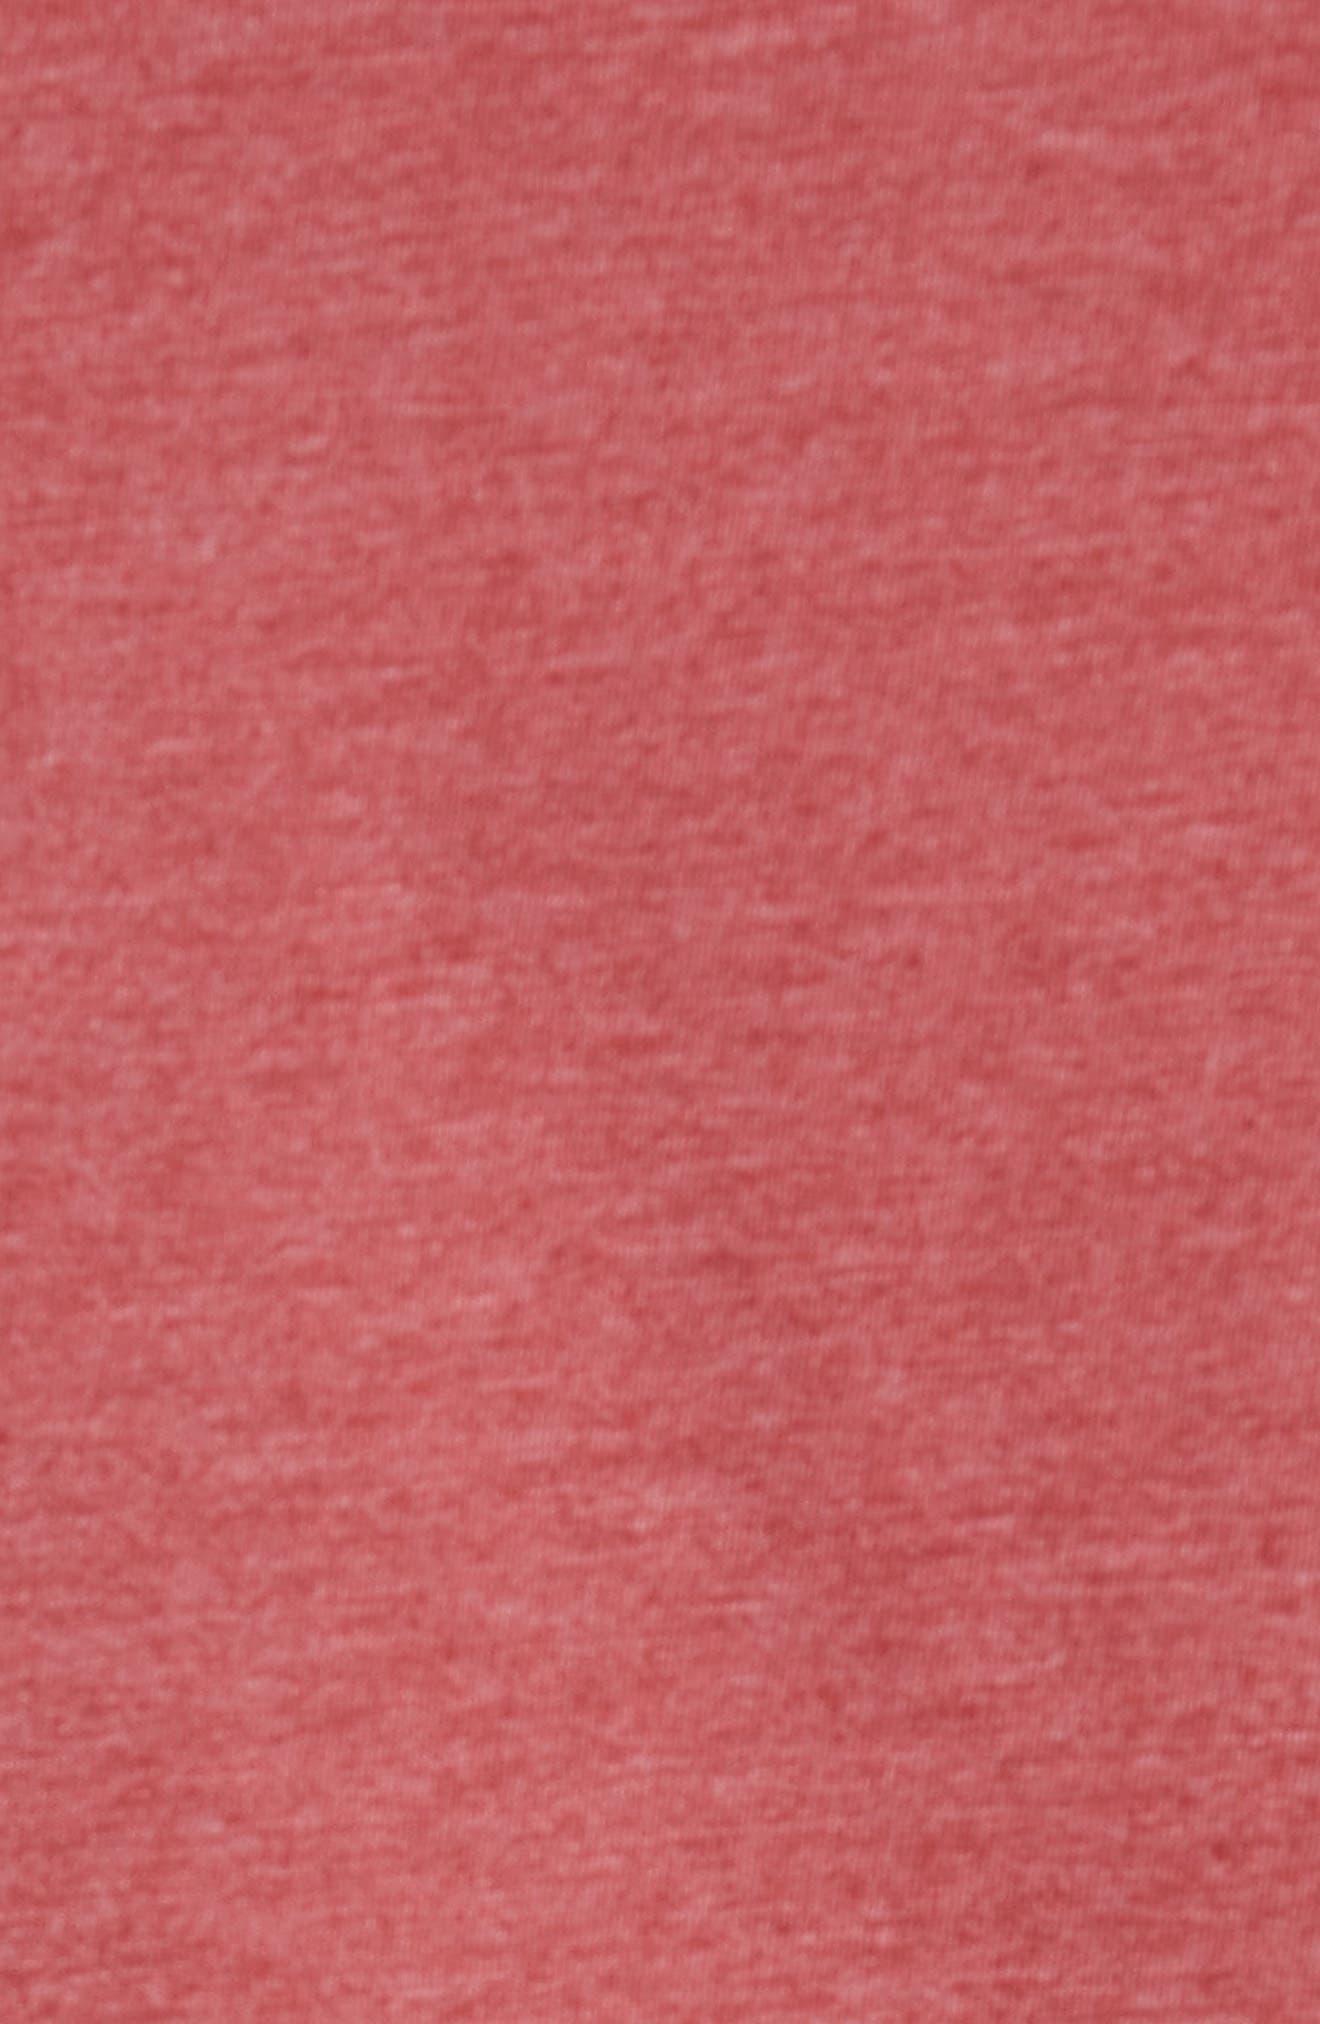 'Fitz Roy Crest' Slim Fit Organic Cotton Blend T-Shirt,                             Alternate thumbnail 40, color,